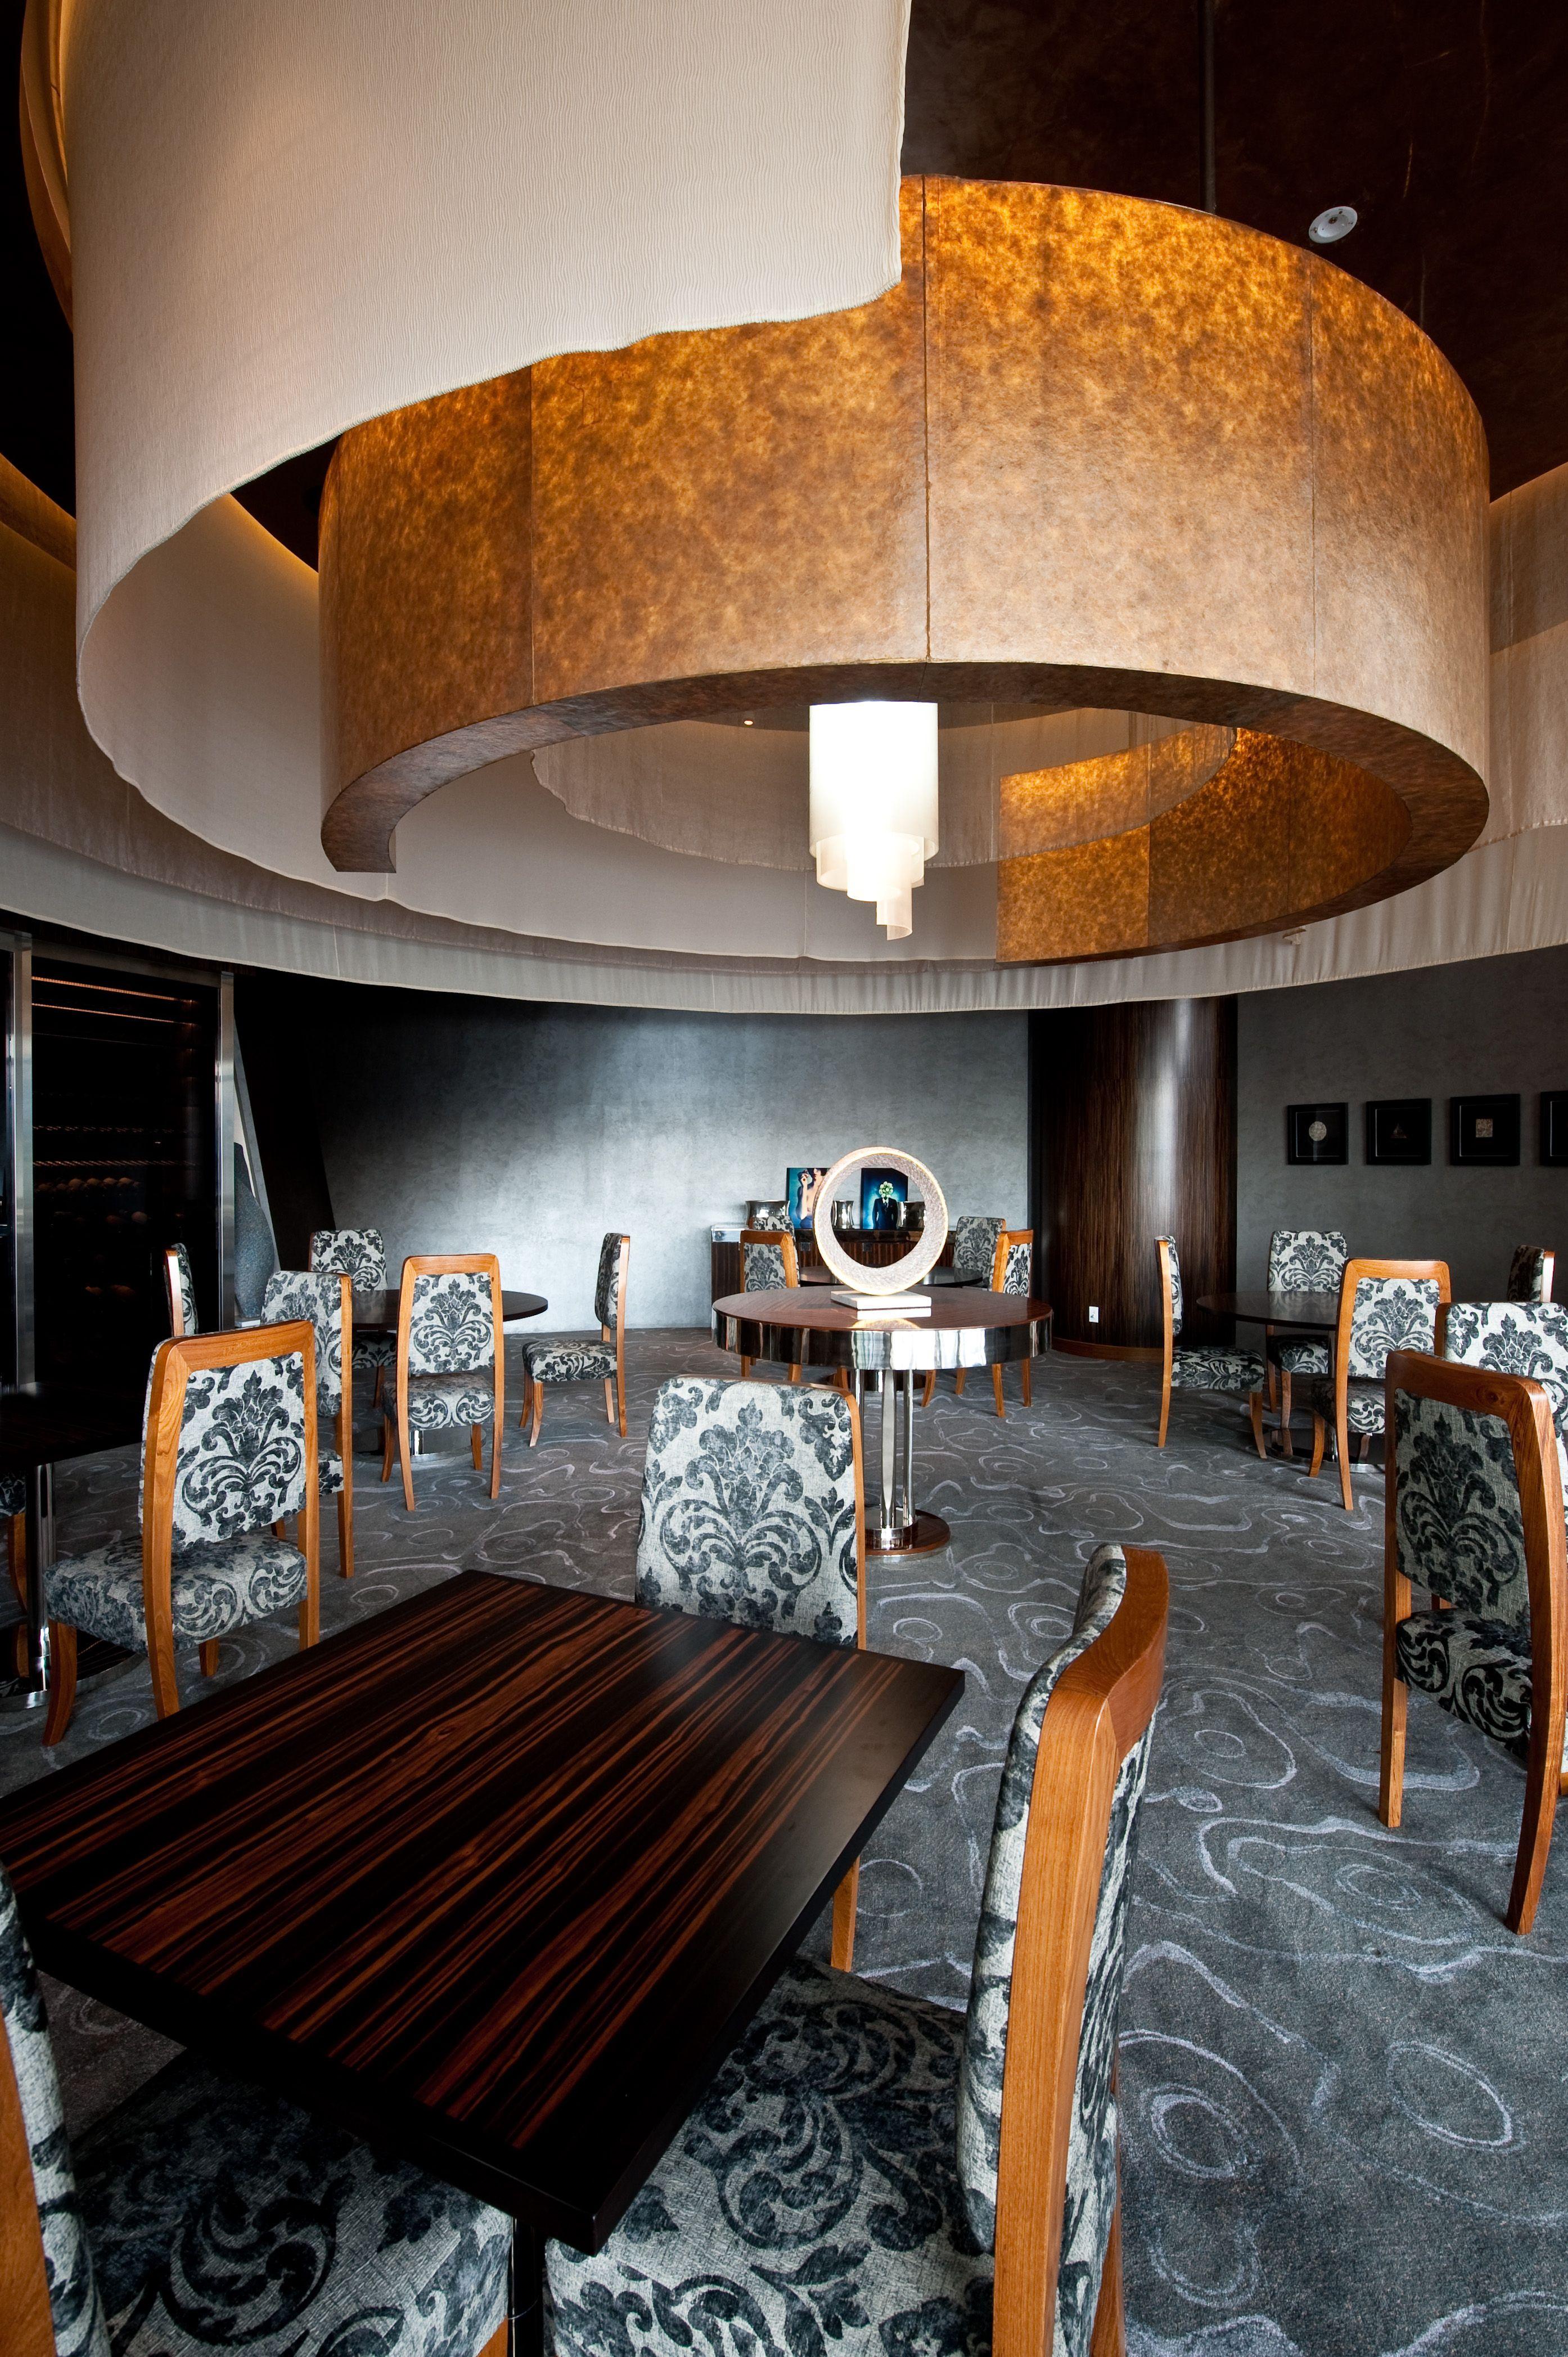 Pin on Ristorante et Restaurant et Restoran